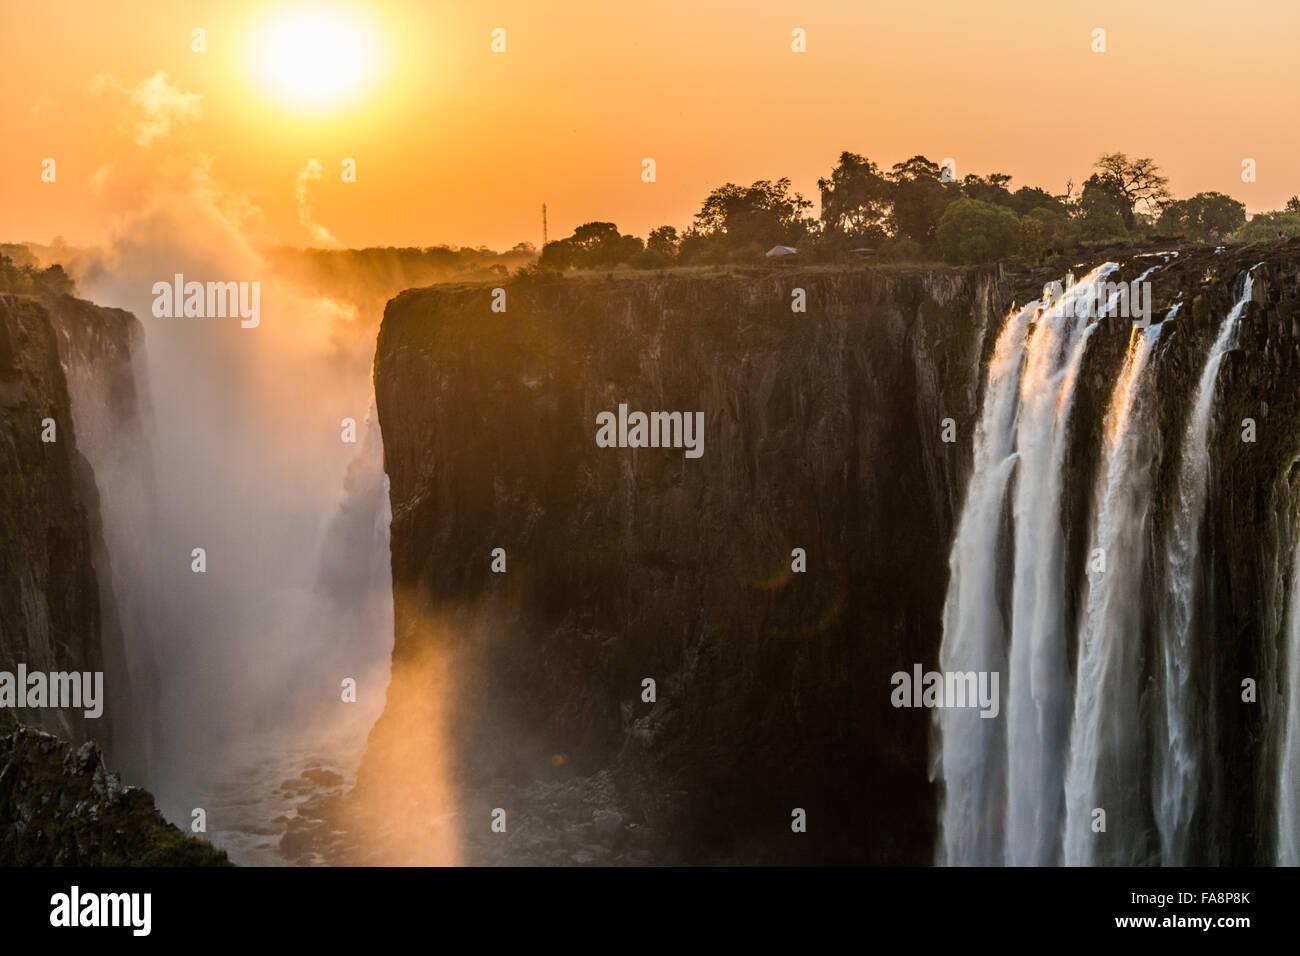 Atardecer en las Cataratas Victoria en Zambia Imagen De Stock